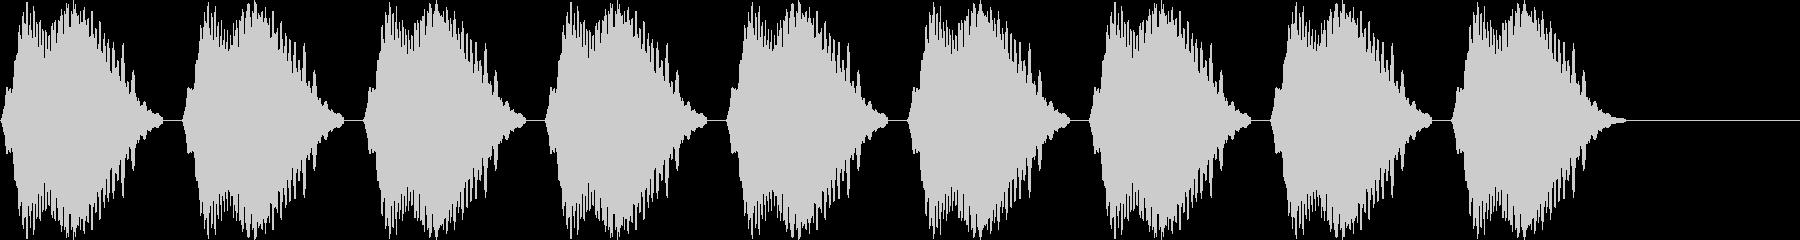 ヴヴヴヴヴヴ(携帯・スマホのバイブ音)の未再生の波形